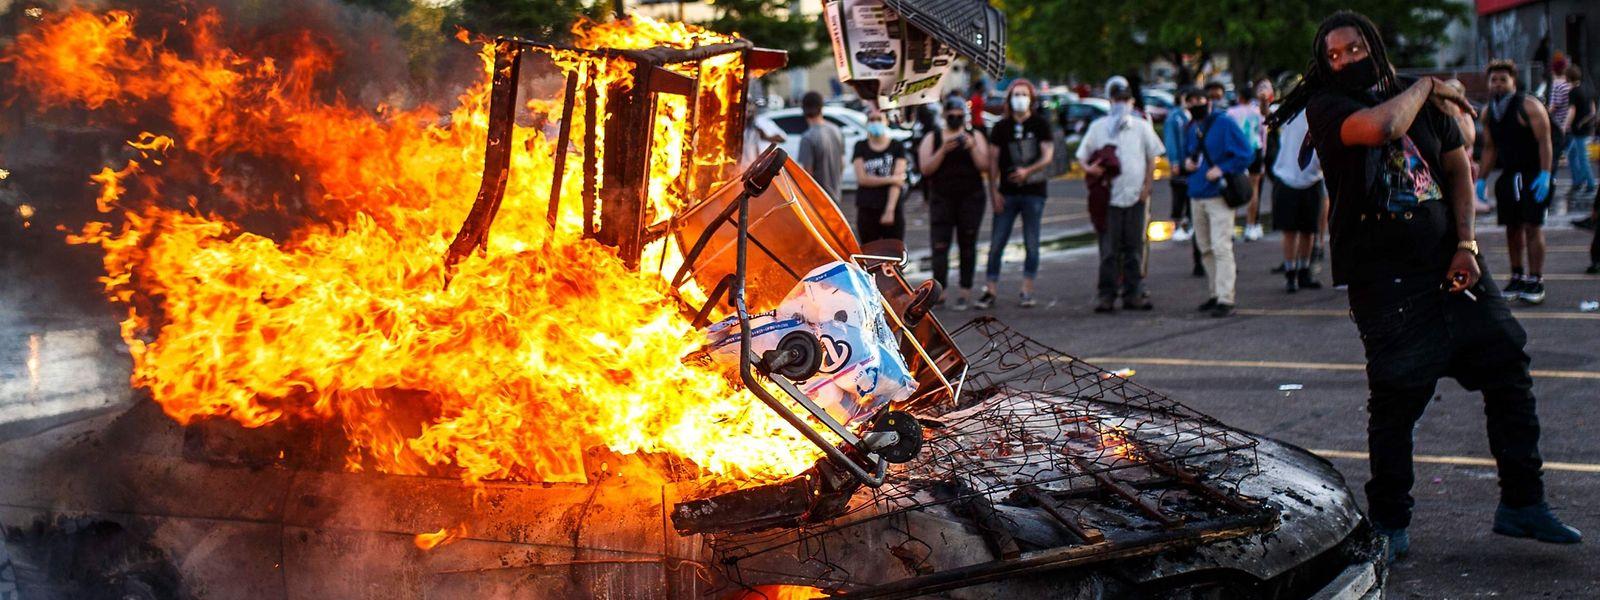 Nicht nur in Minneapolis im US-Bundesstaat Minnesota kam es zu schweren Ausschreitungen von Demonstranten.